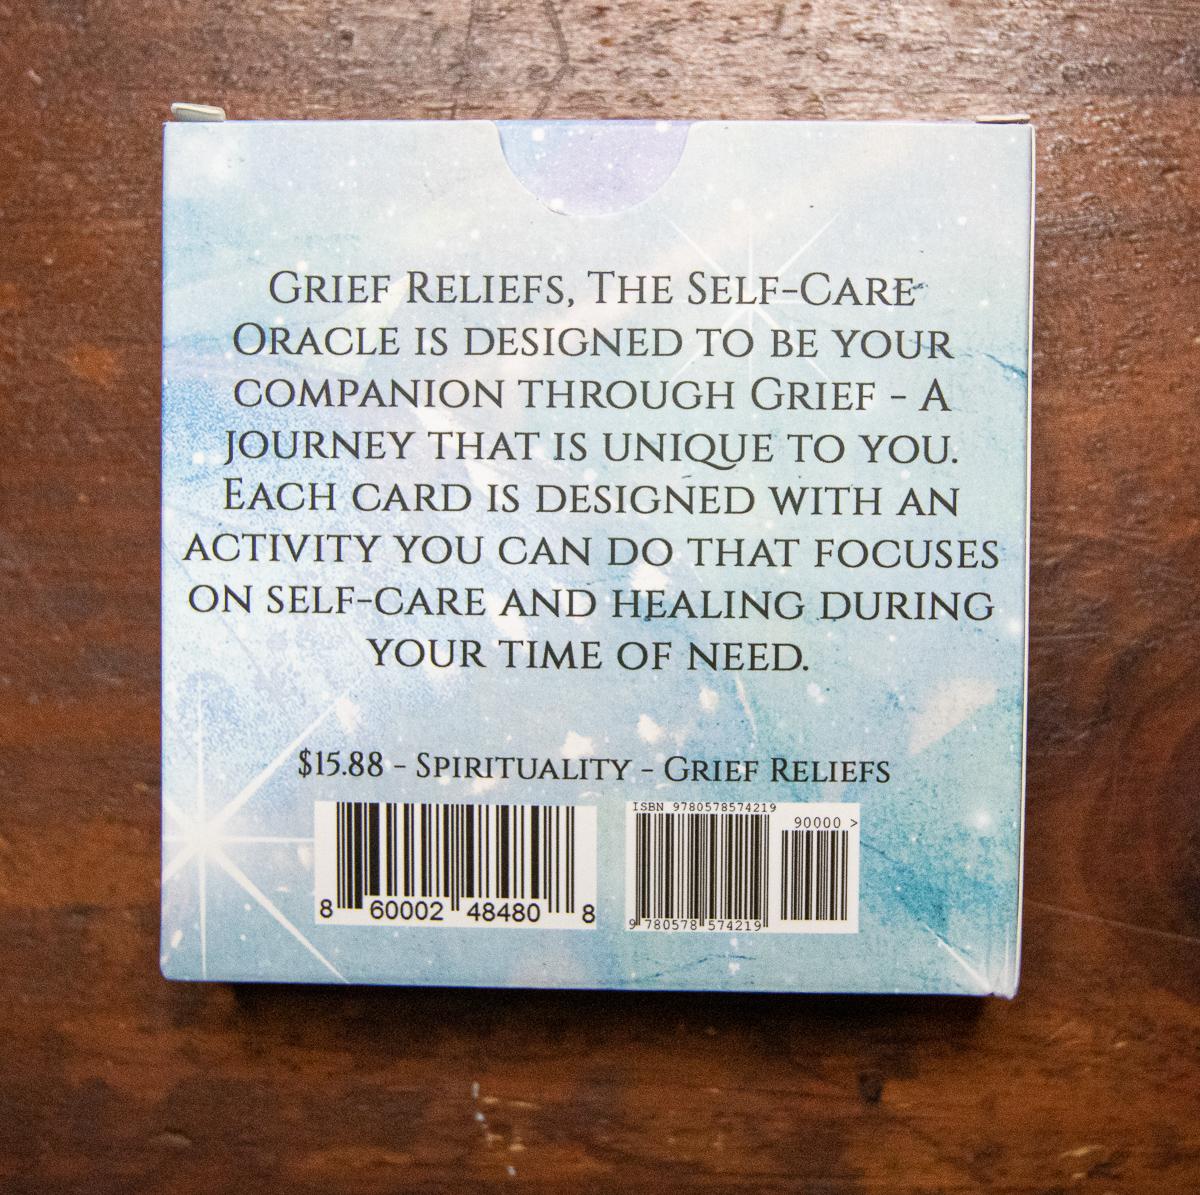 Grief-Reliefs-9